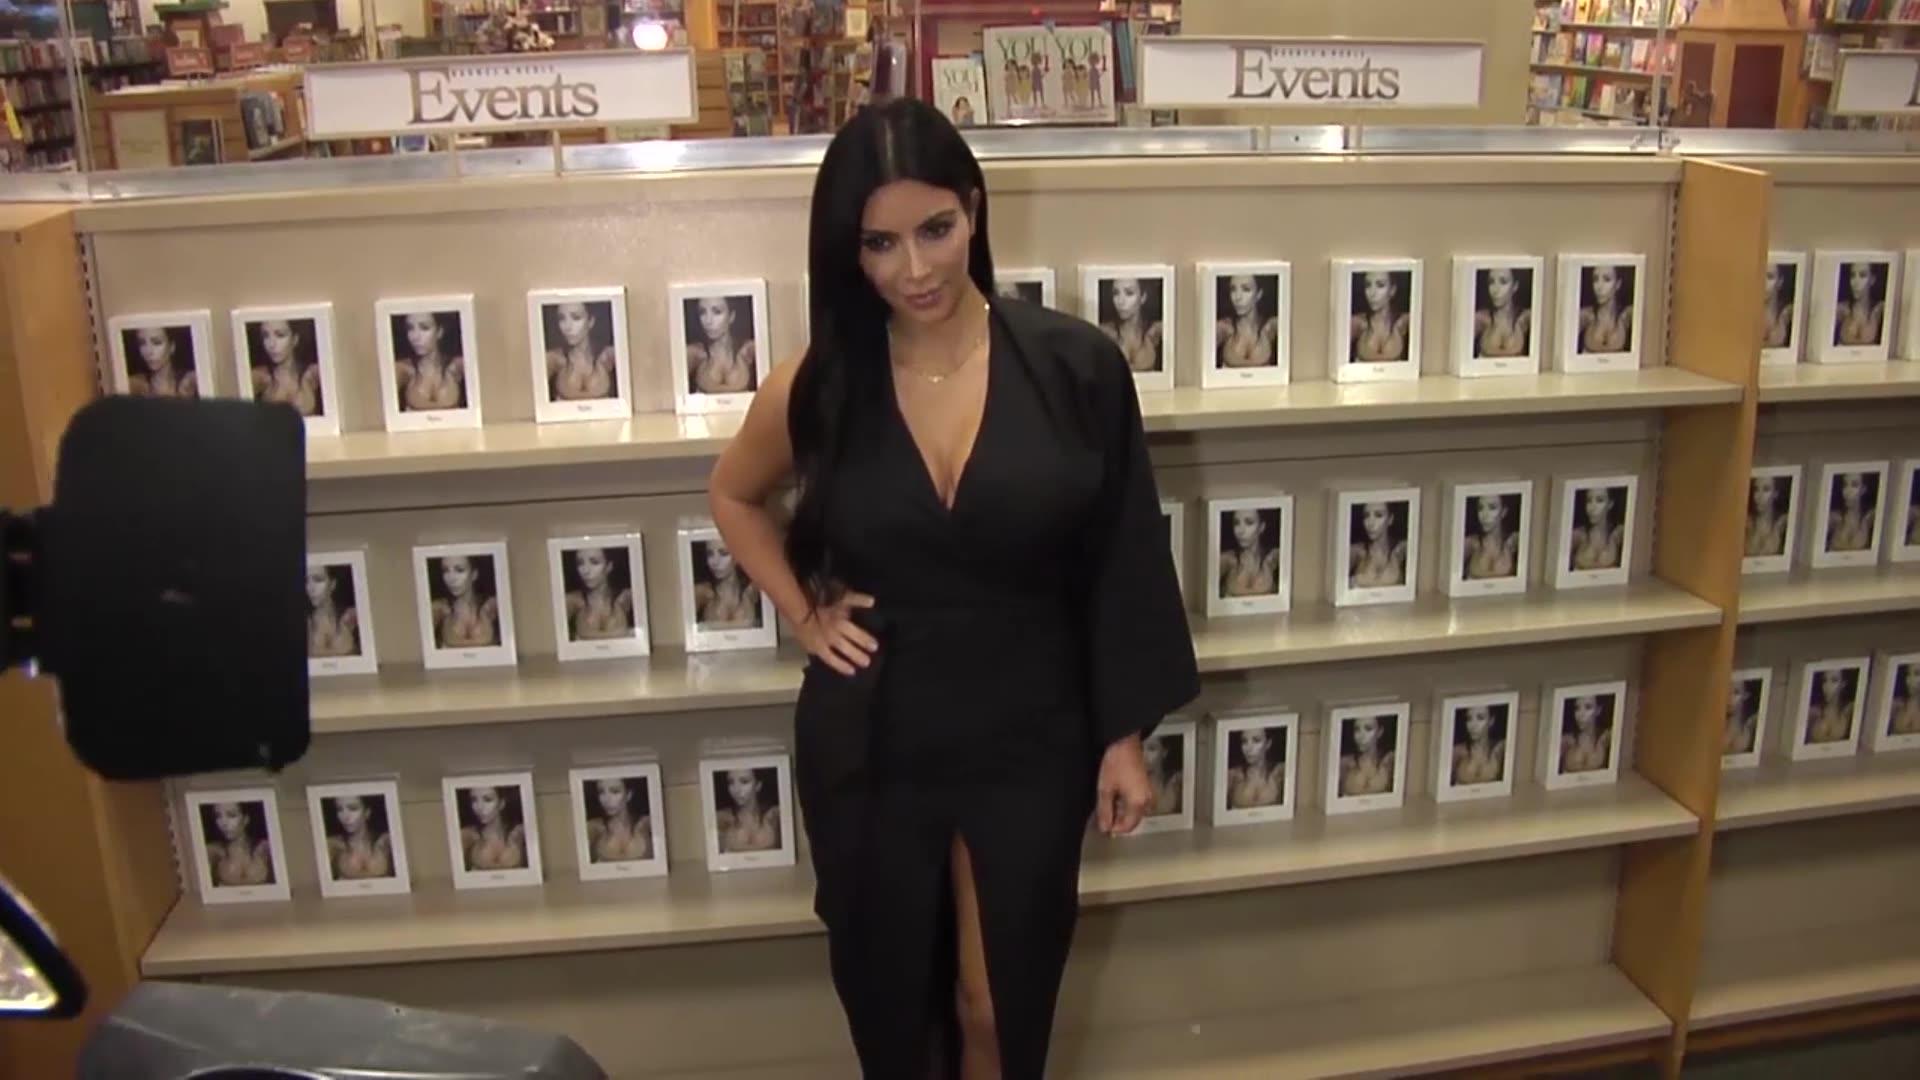 Kim Kardashian's Selfish Book Is A Total Sales Flop